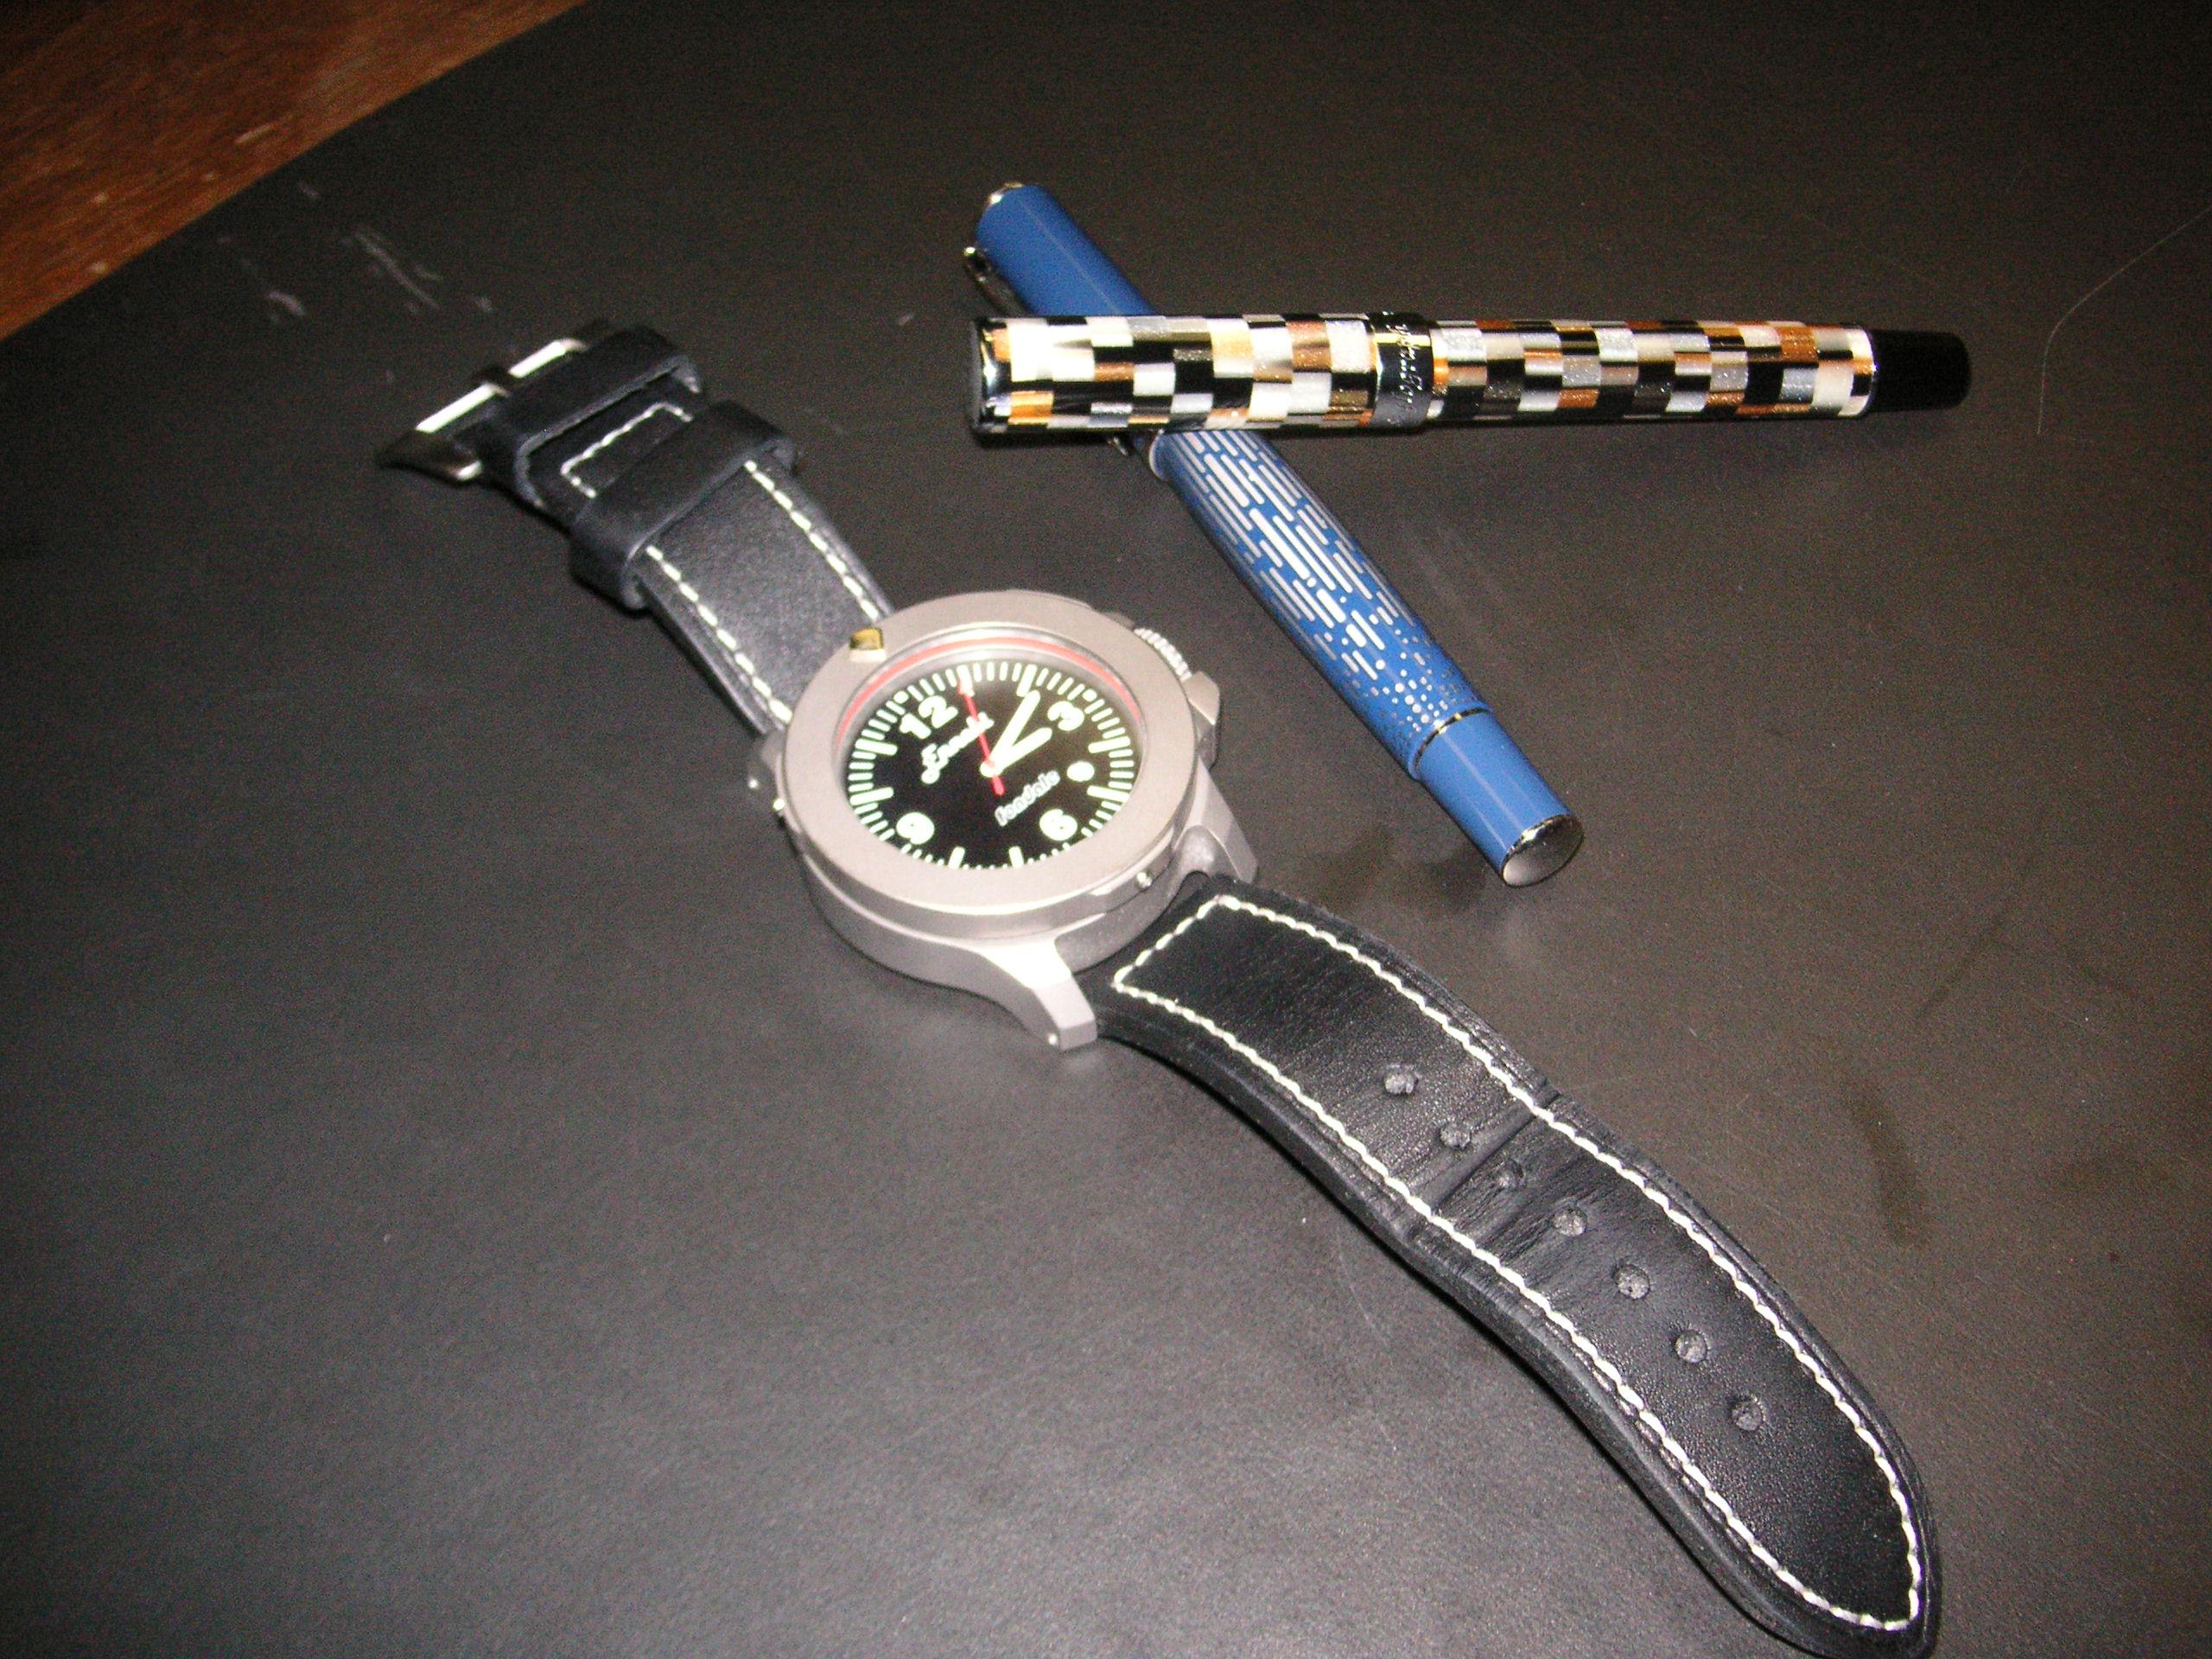 Pens and ennebi 006.jpg